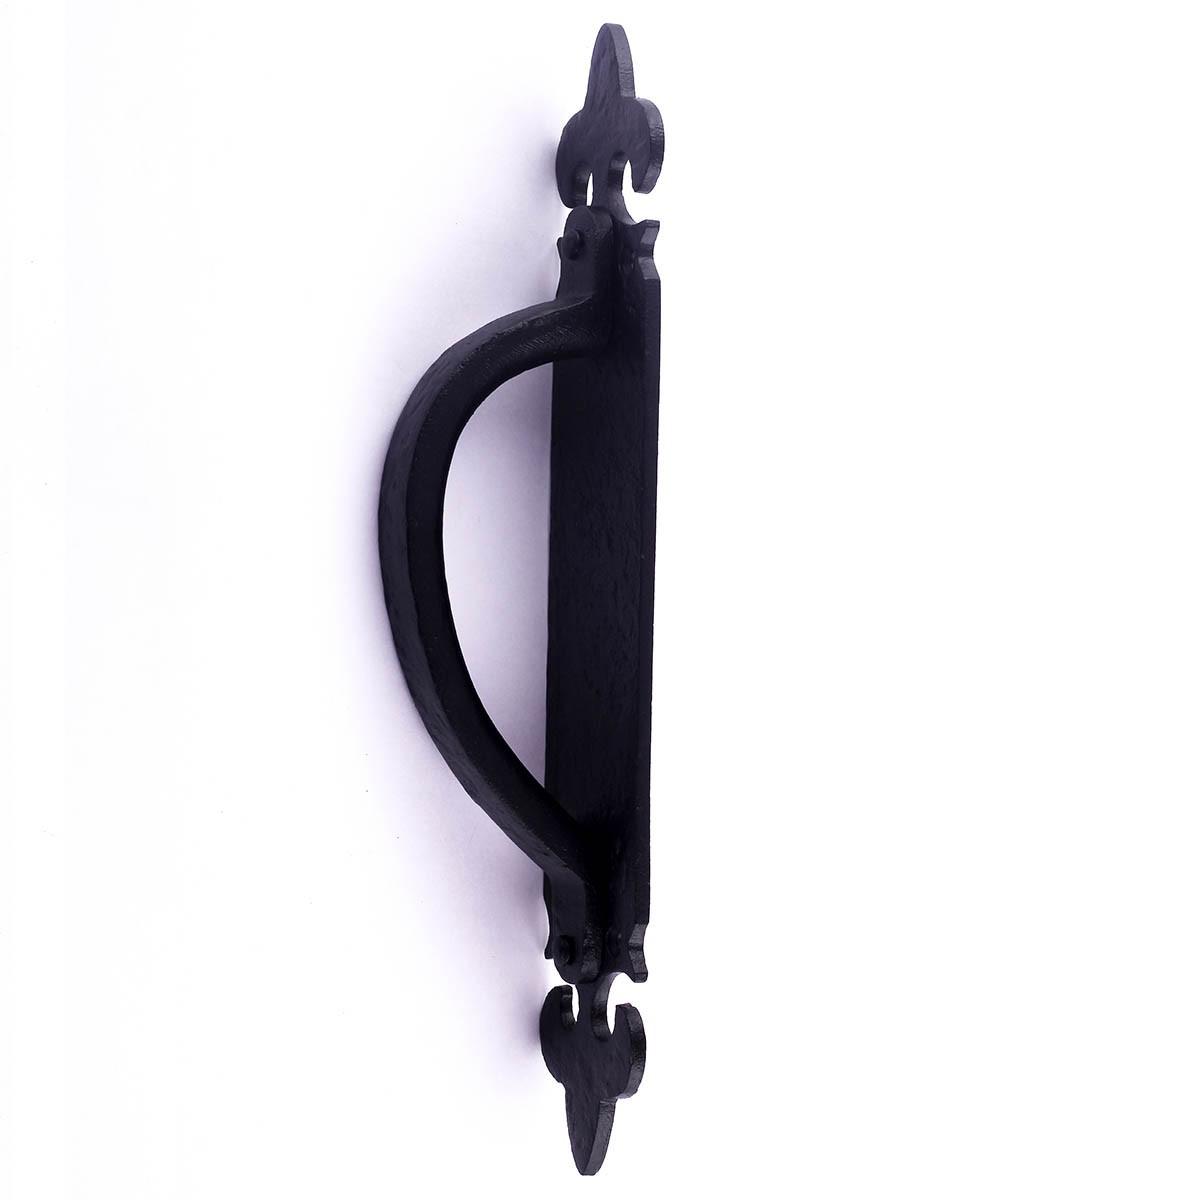 10 12 Inch Decorative Door Handle Black Iron Door Pull Handle Wrought Iron Door Pulls Black Door Pulls Antique Door Pulls For Cabinets